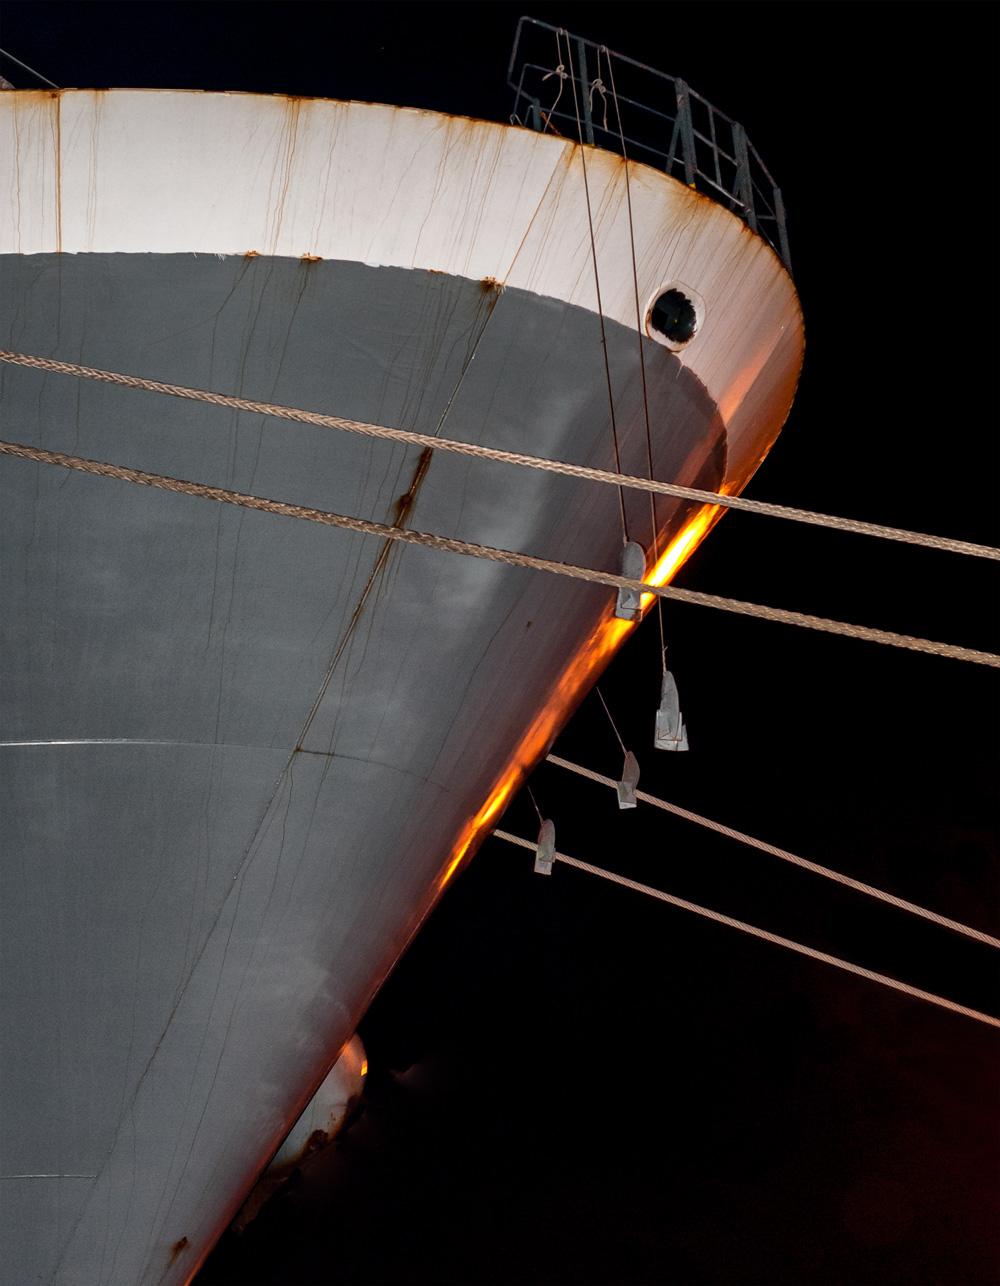 ship-for-ebell-14x18-PRINT-nb.jpg